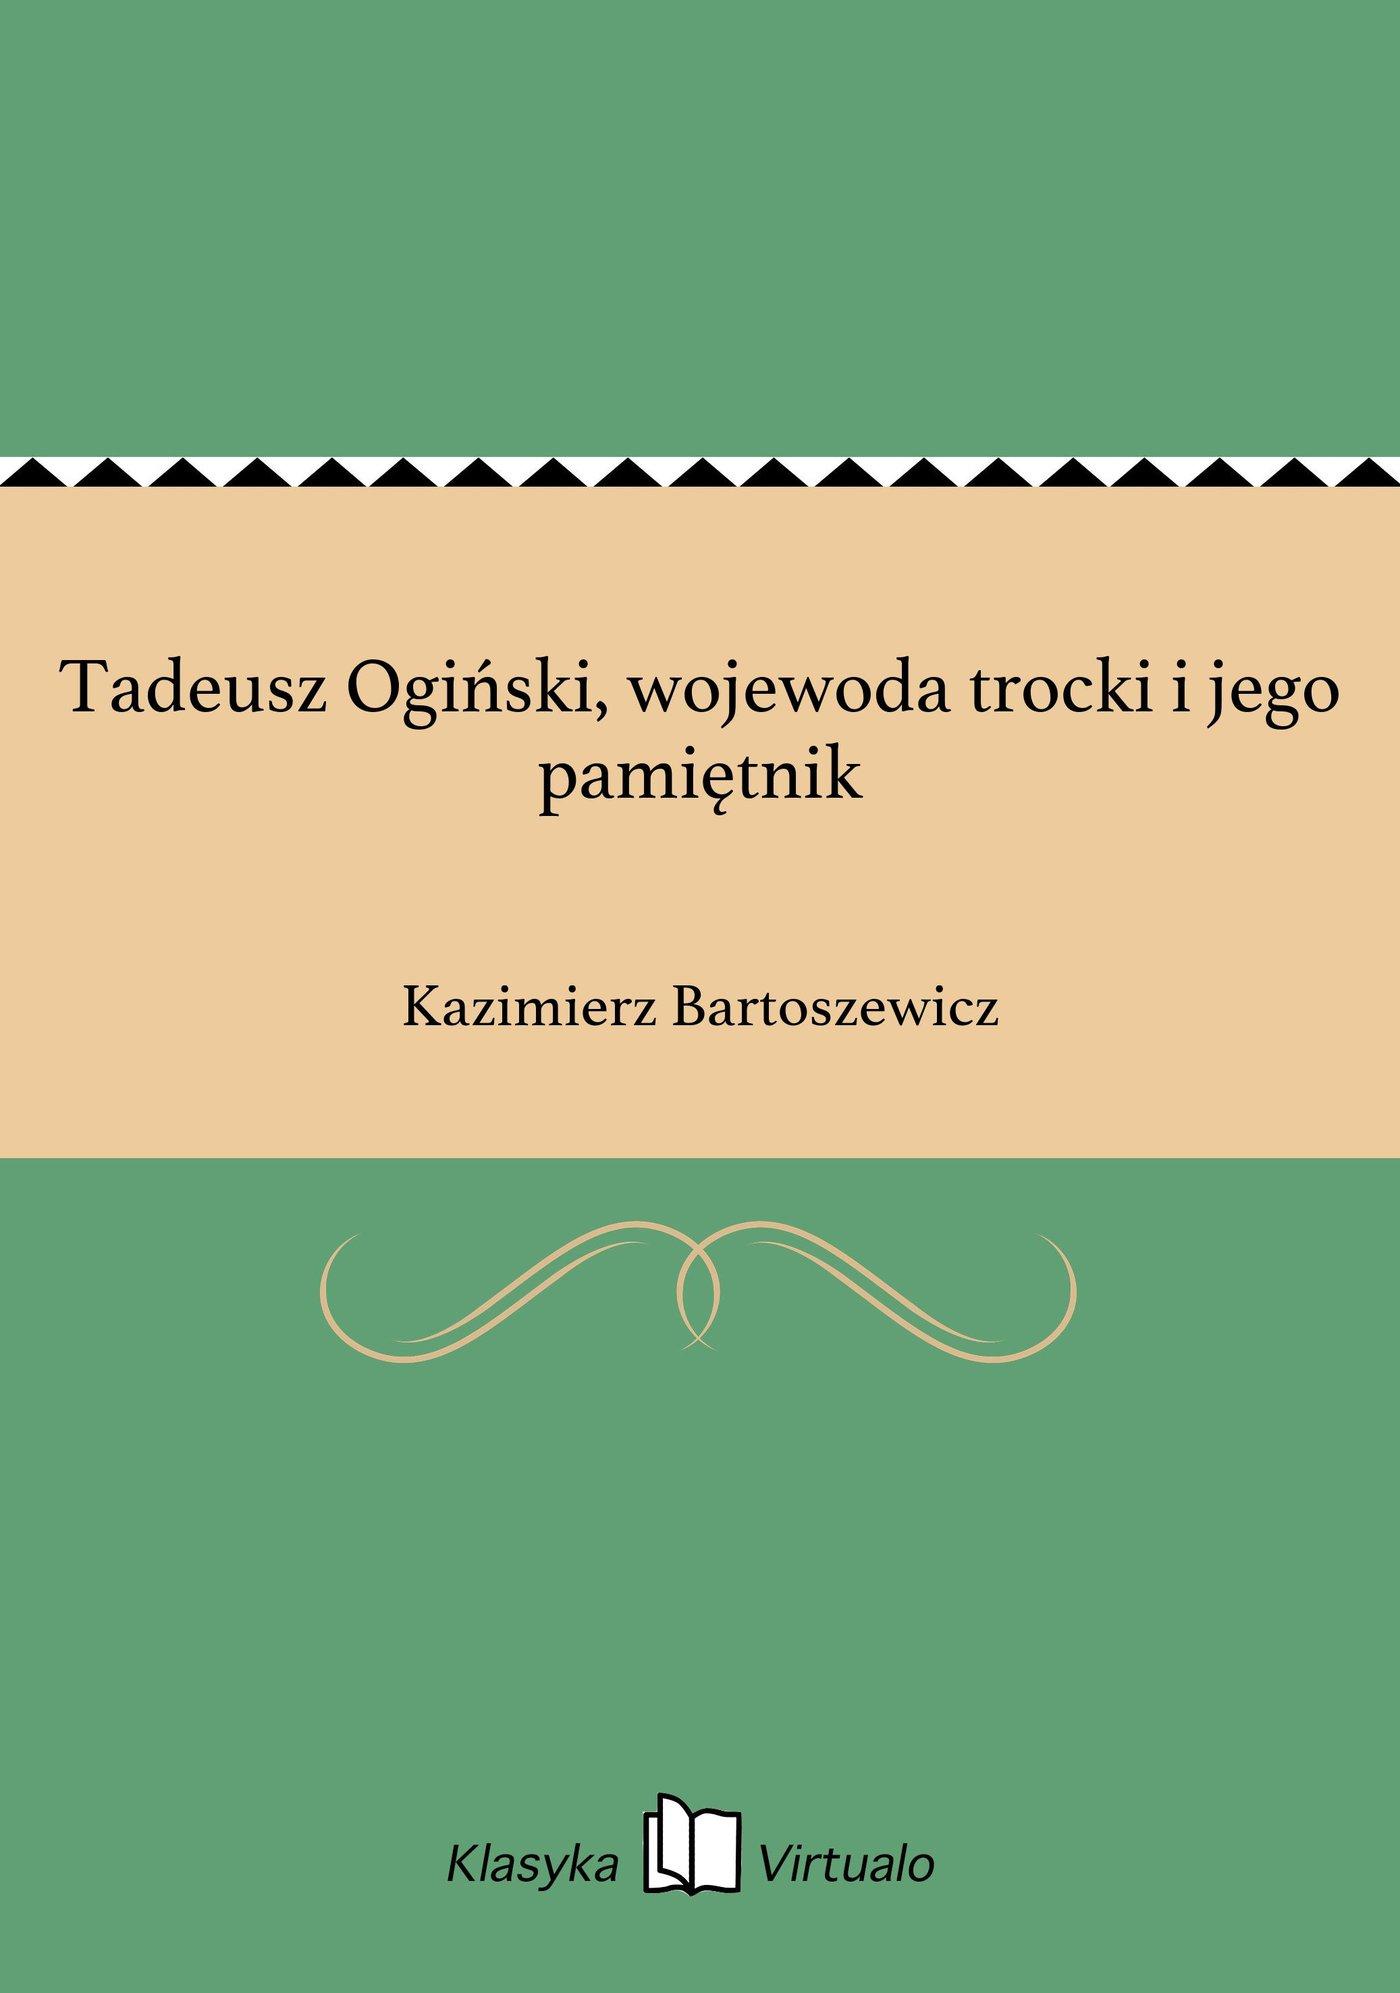 Tadeusz Ogiński, wojewoda trocki i jego pamiętnik - Ebook (Książka EPUB) do pobrania w formacie EPUB